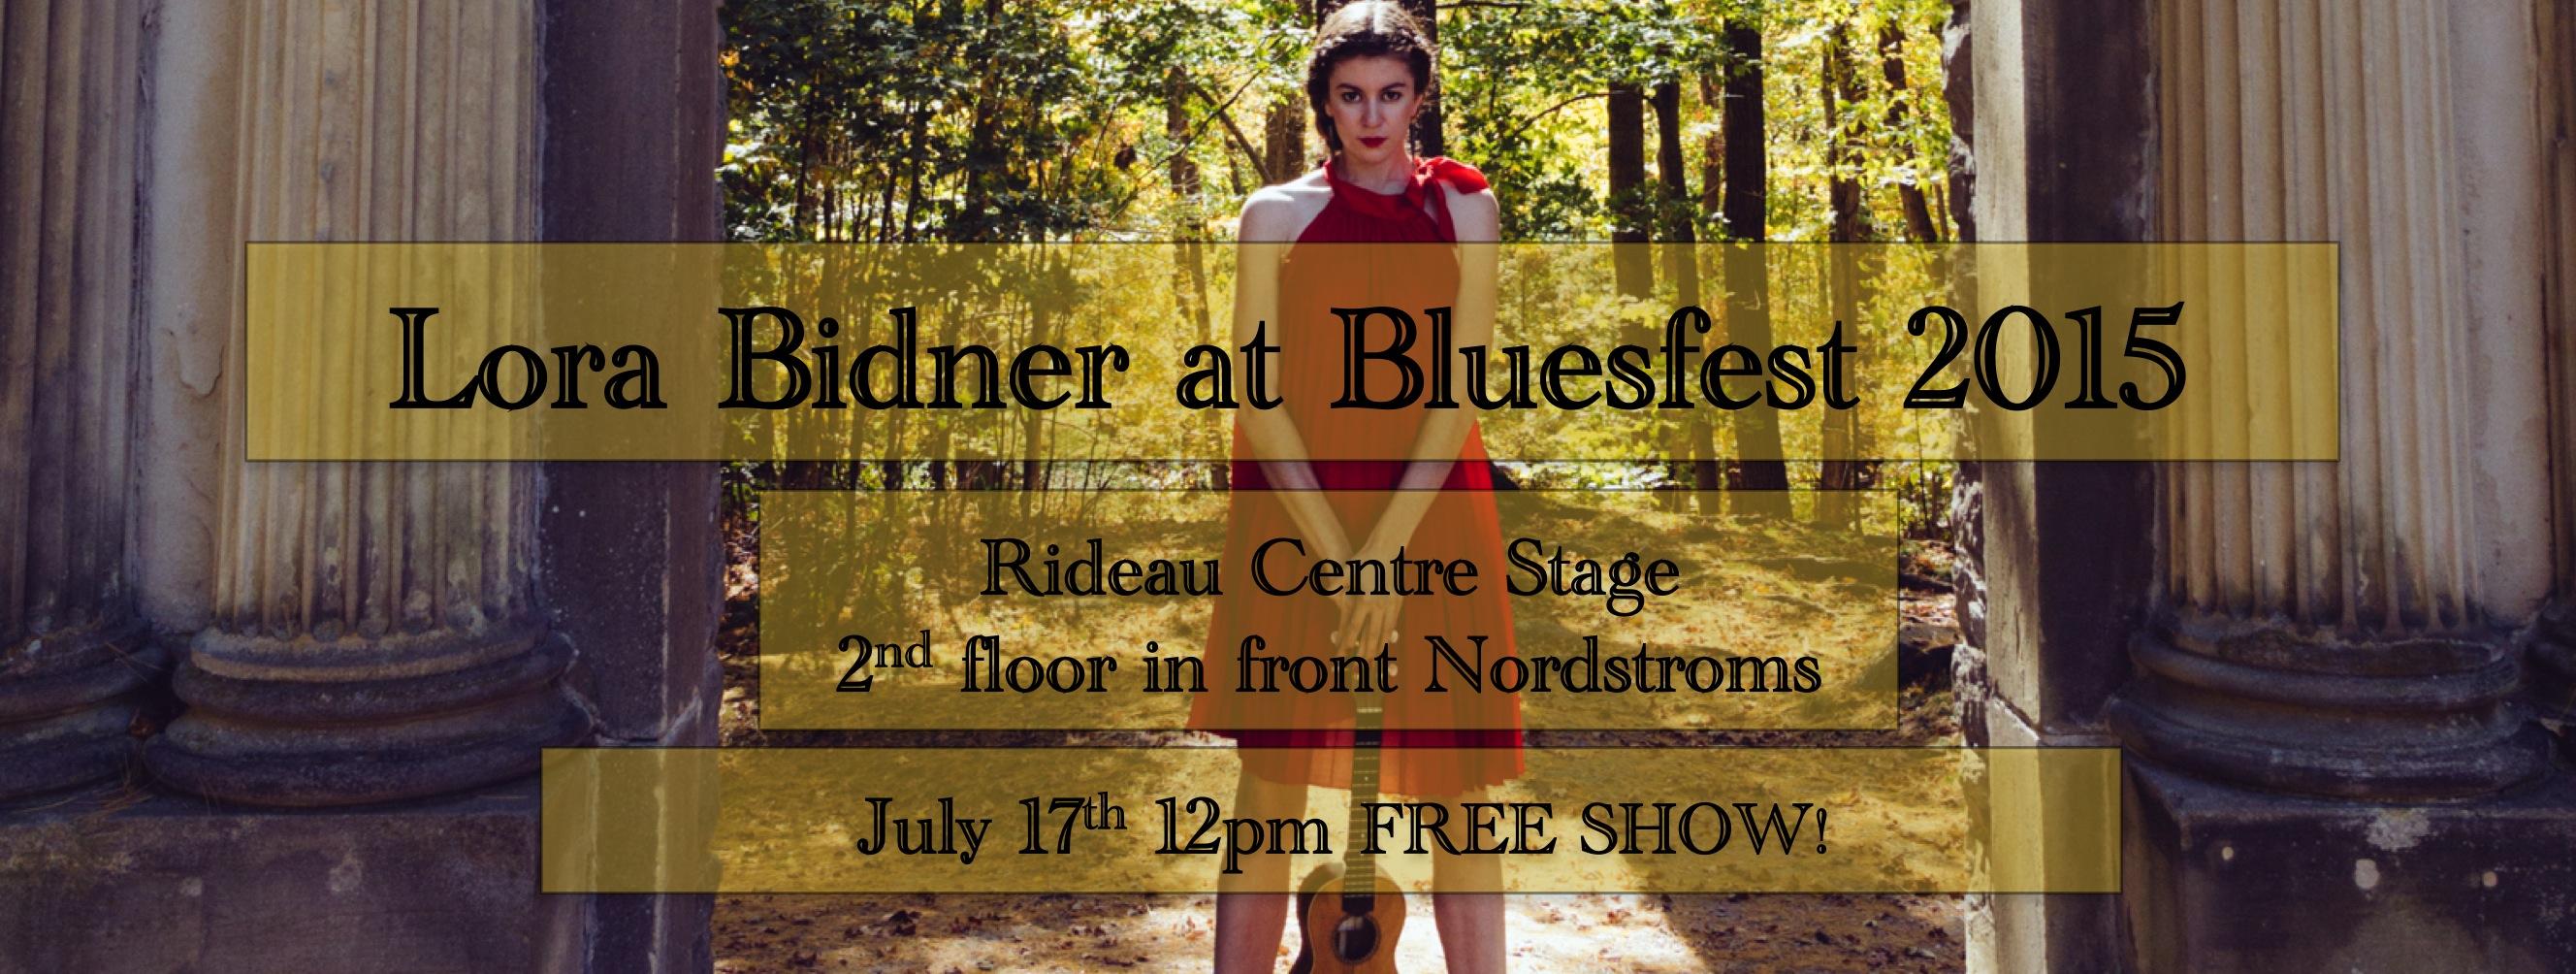 Bluesfest poster 2015 2